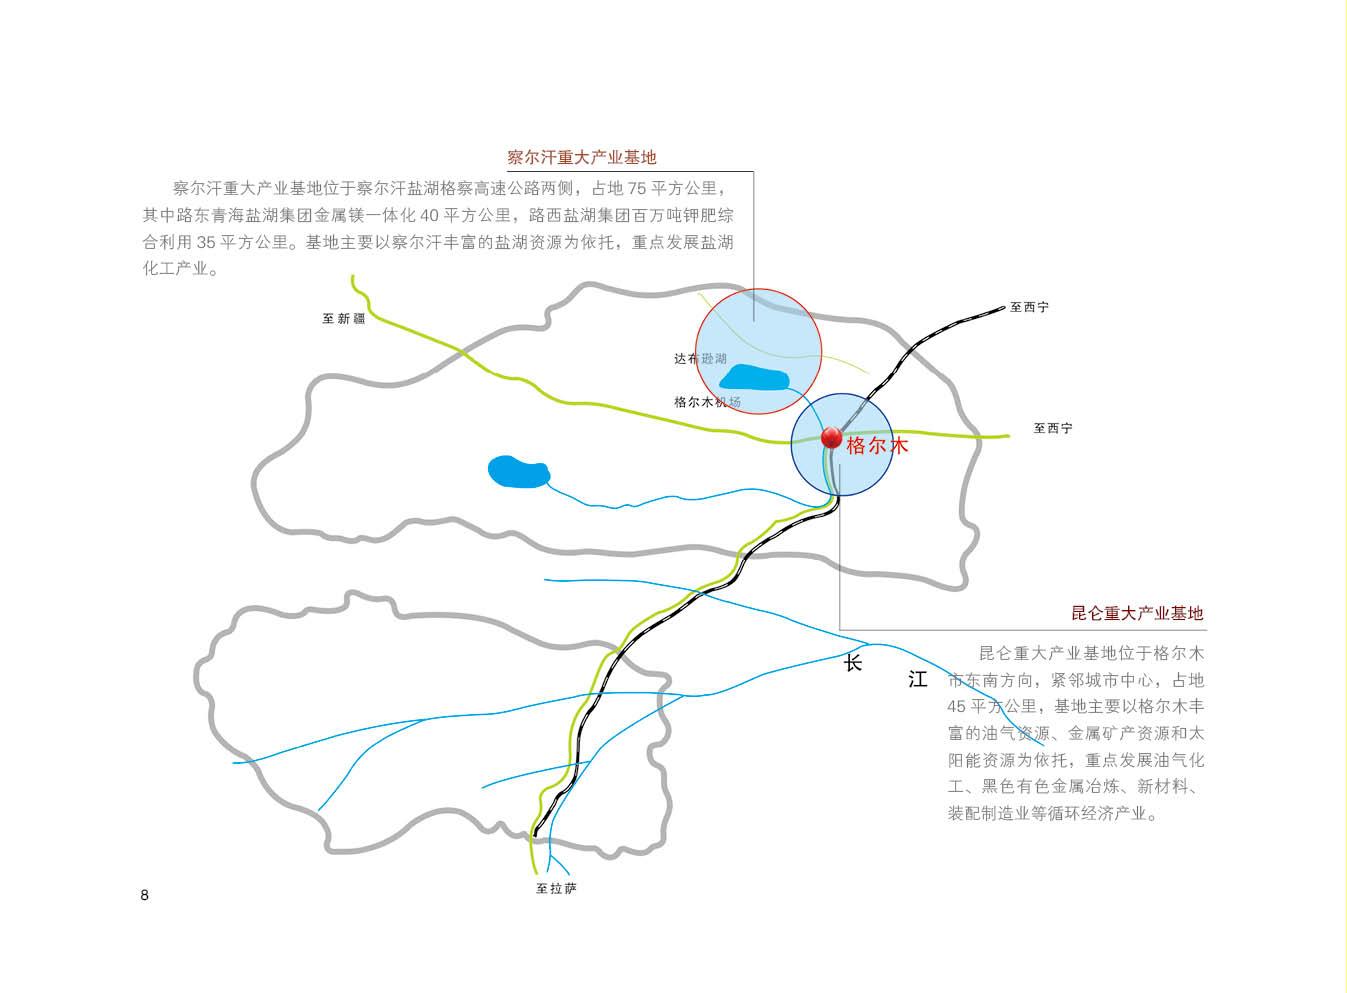 园区规划格尔木工业园(昆仑经济技术开发区)